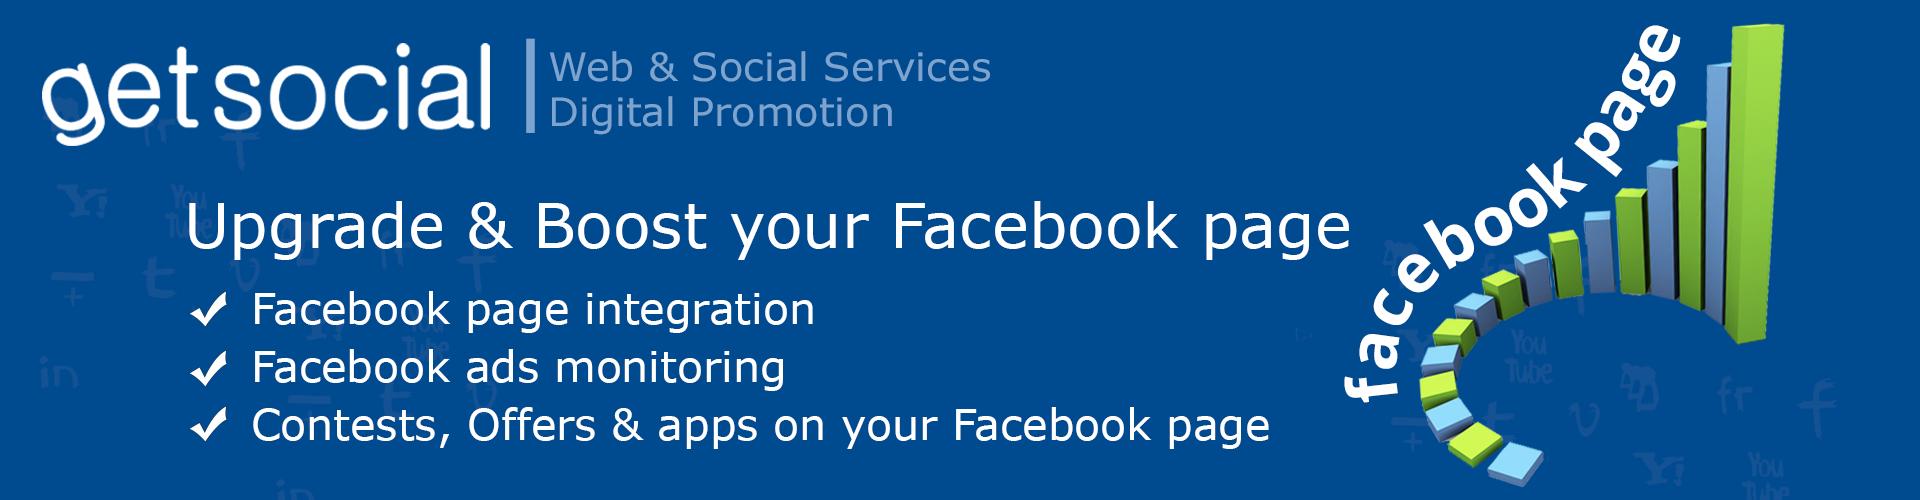 get social web social services digital promotionsget social slider 4